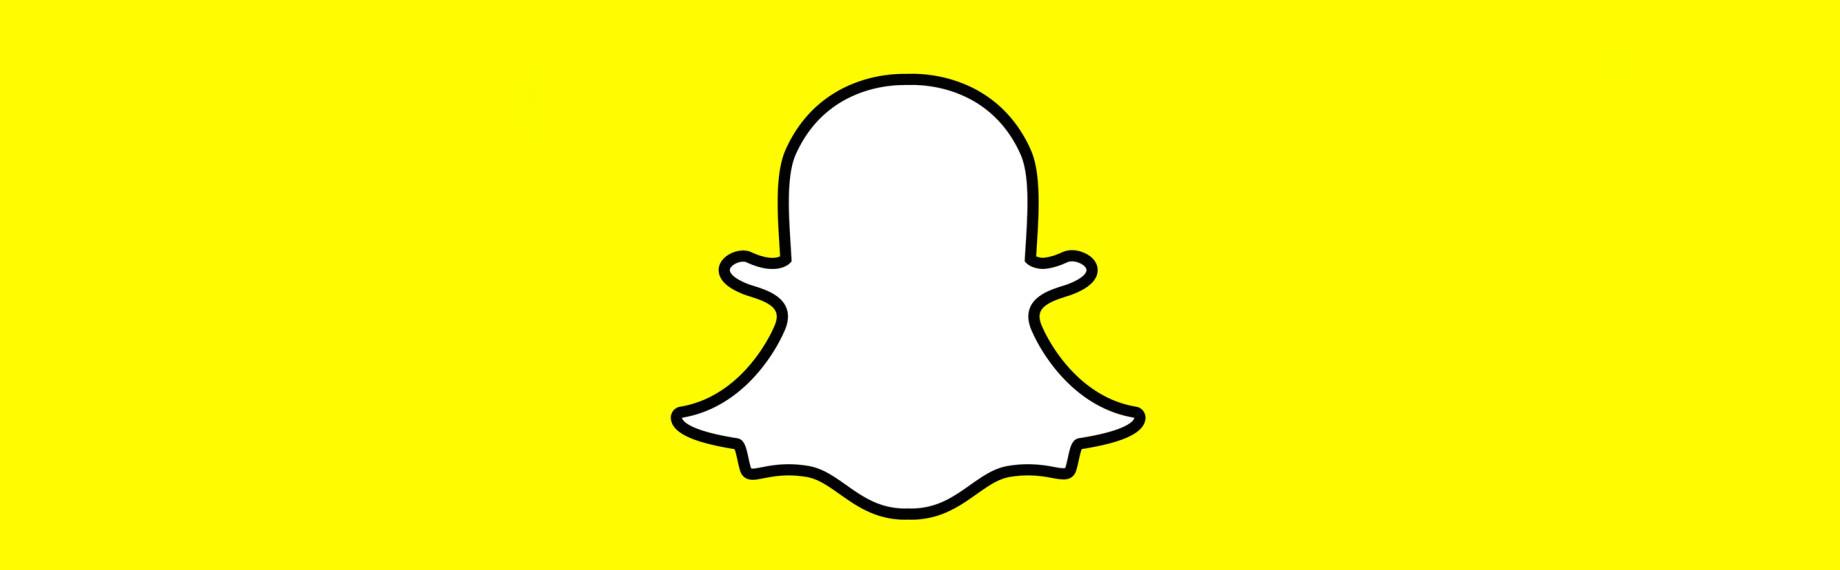 14.10.13_Snapchat_photo_leak-1840x814-e1434485126325